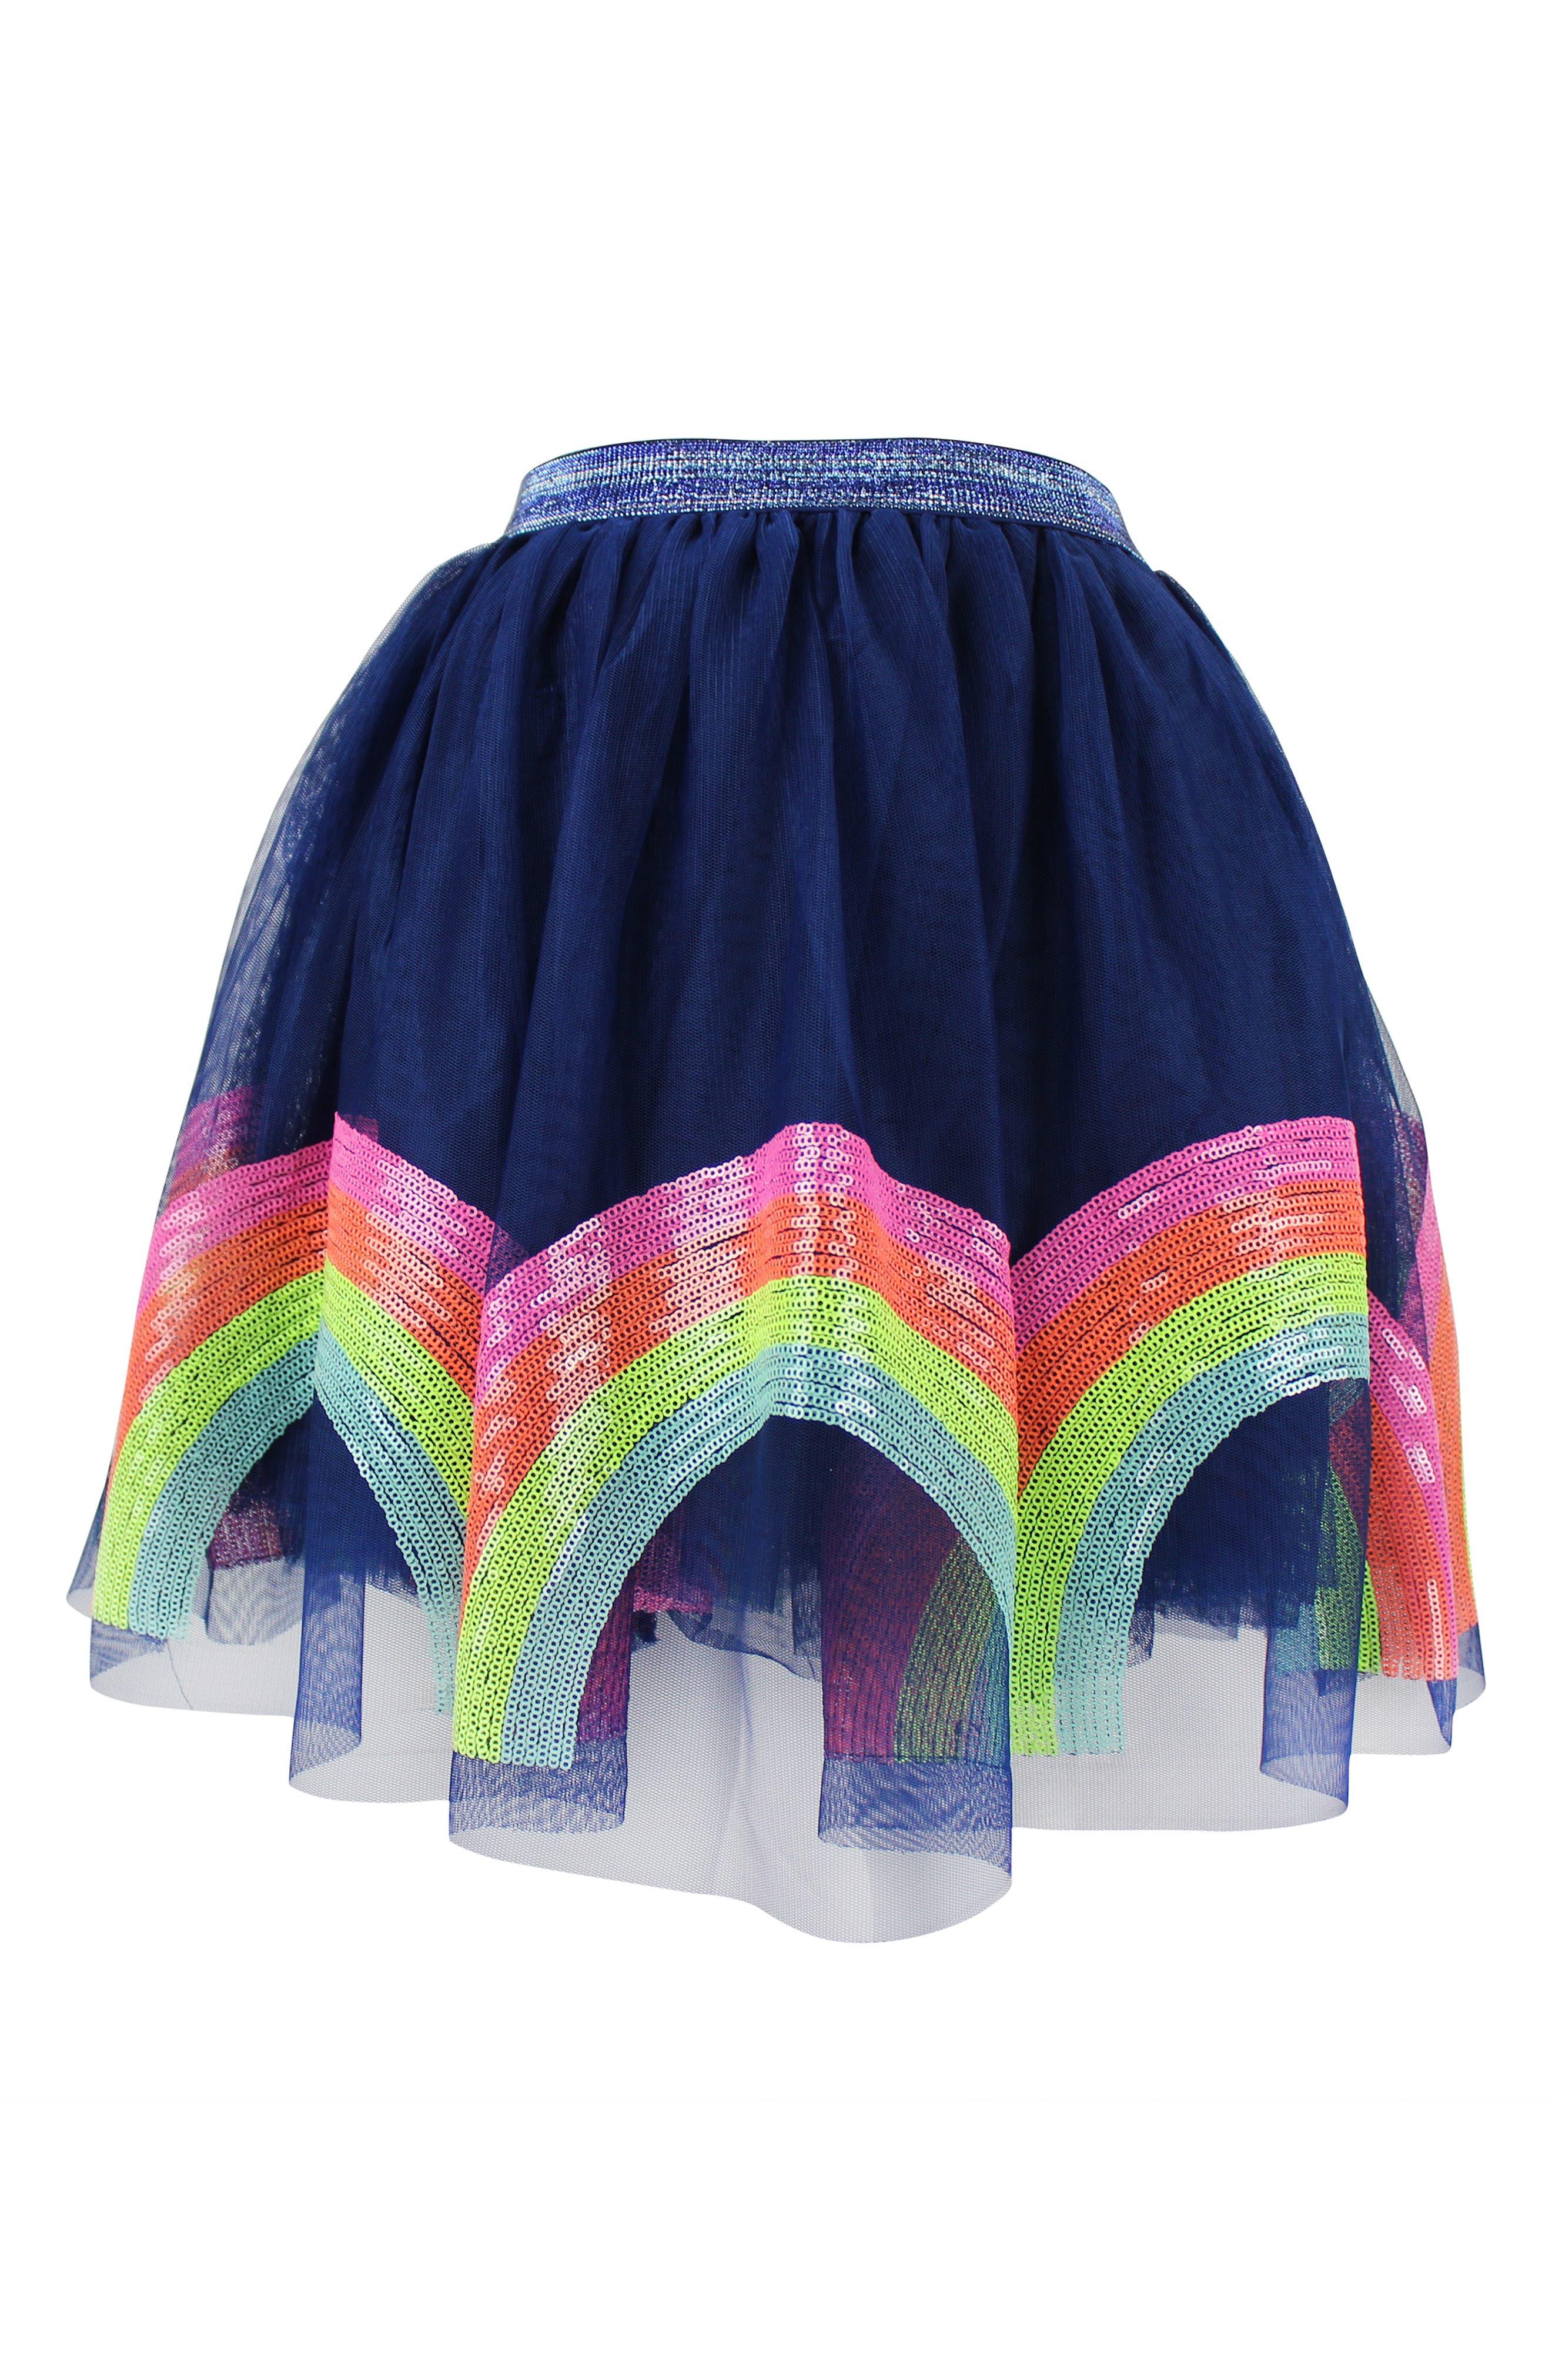 Rainbow Sequin Tutu Skirt, Main, color, NAVY BLUE